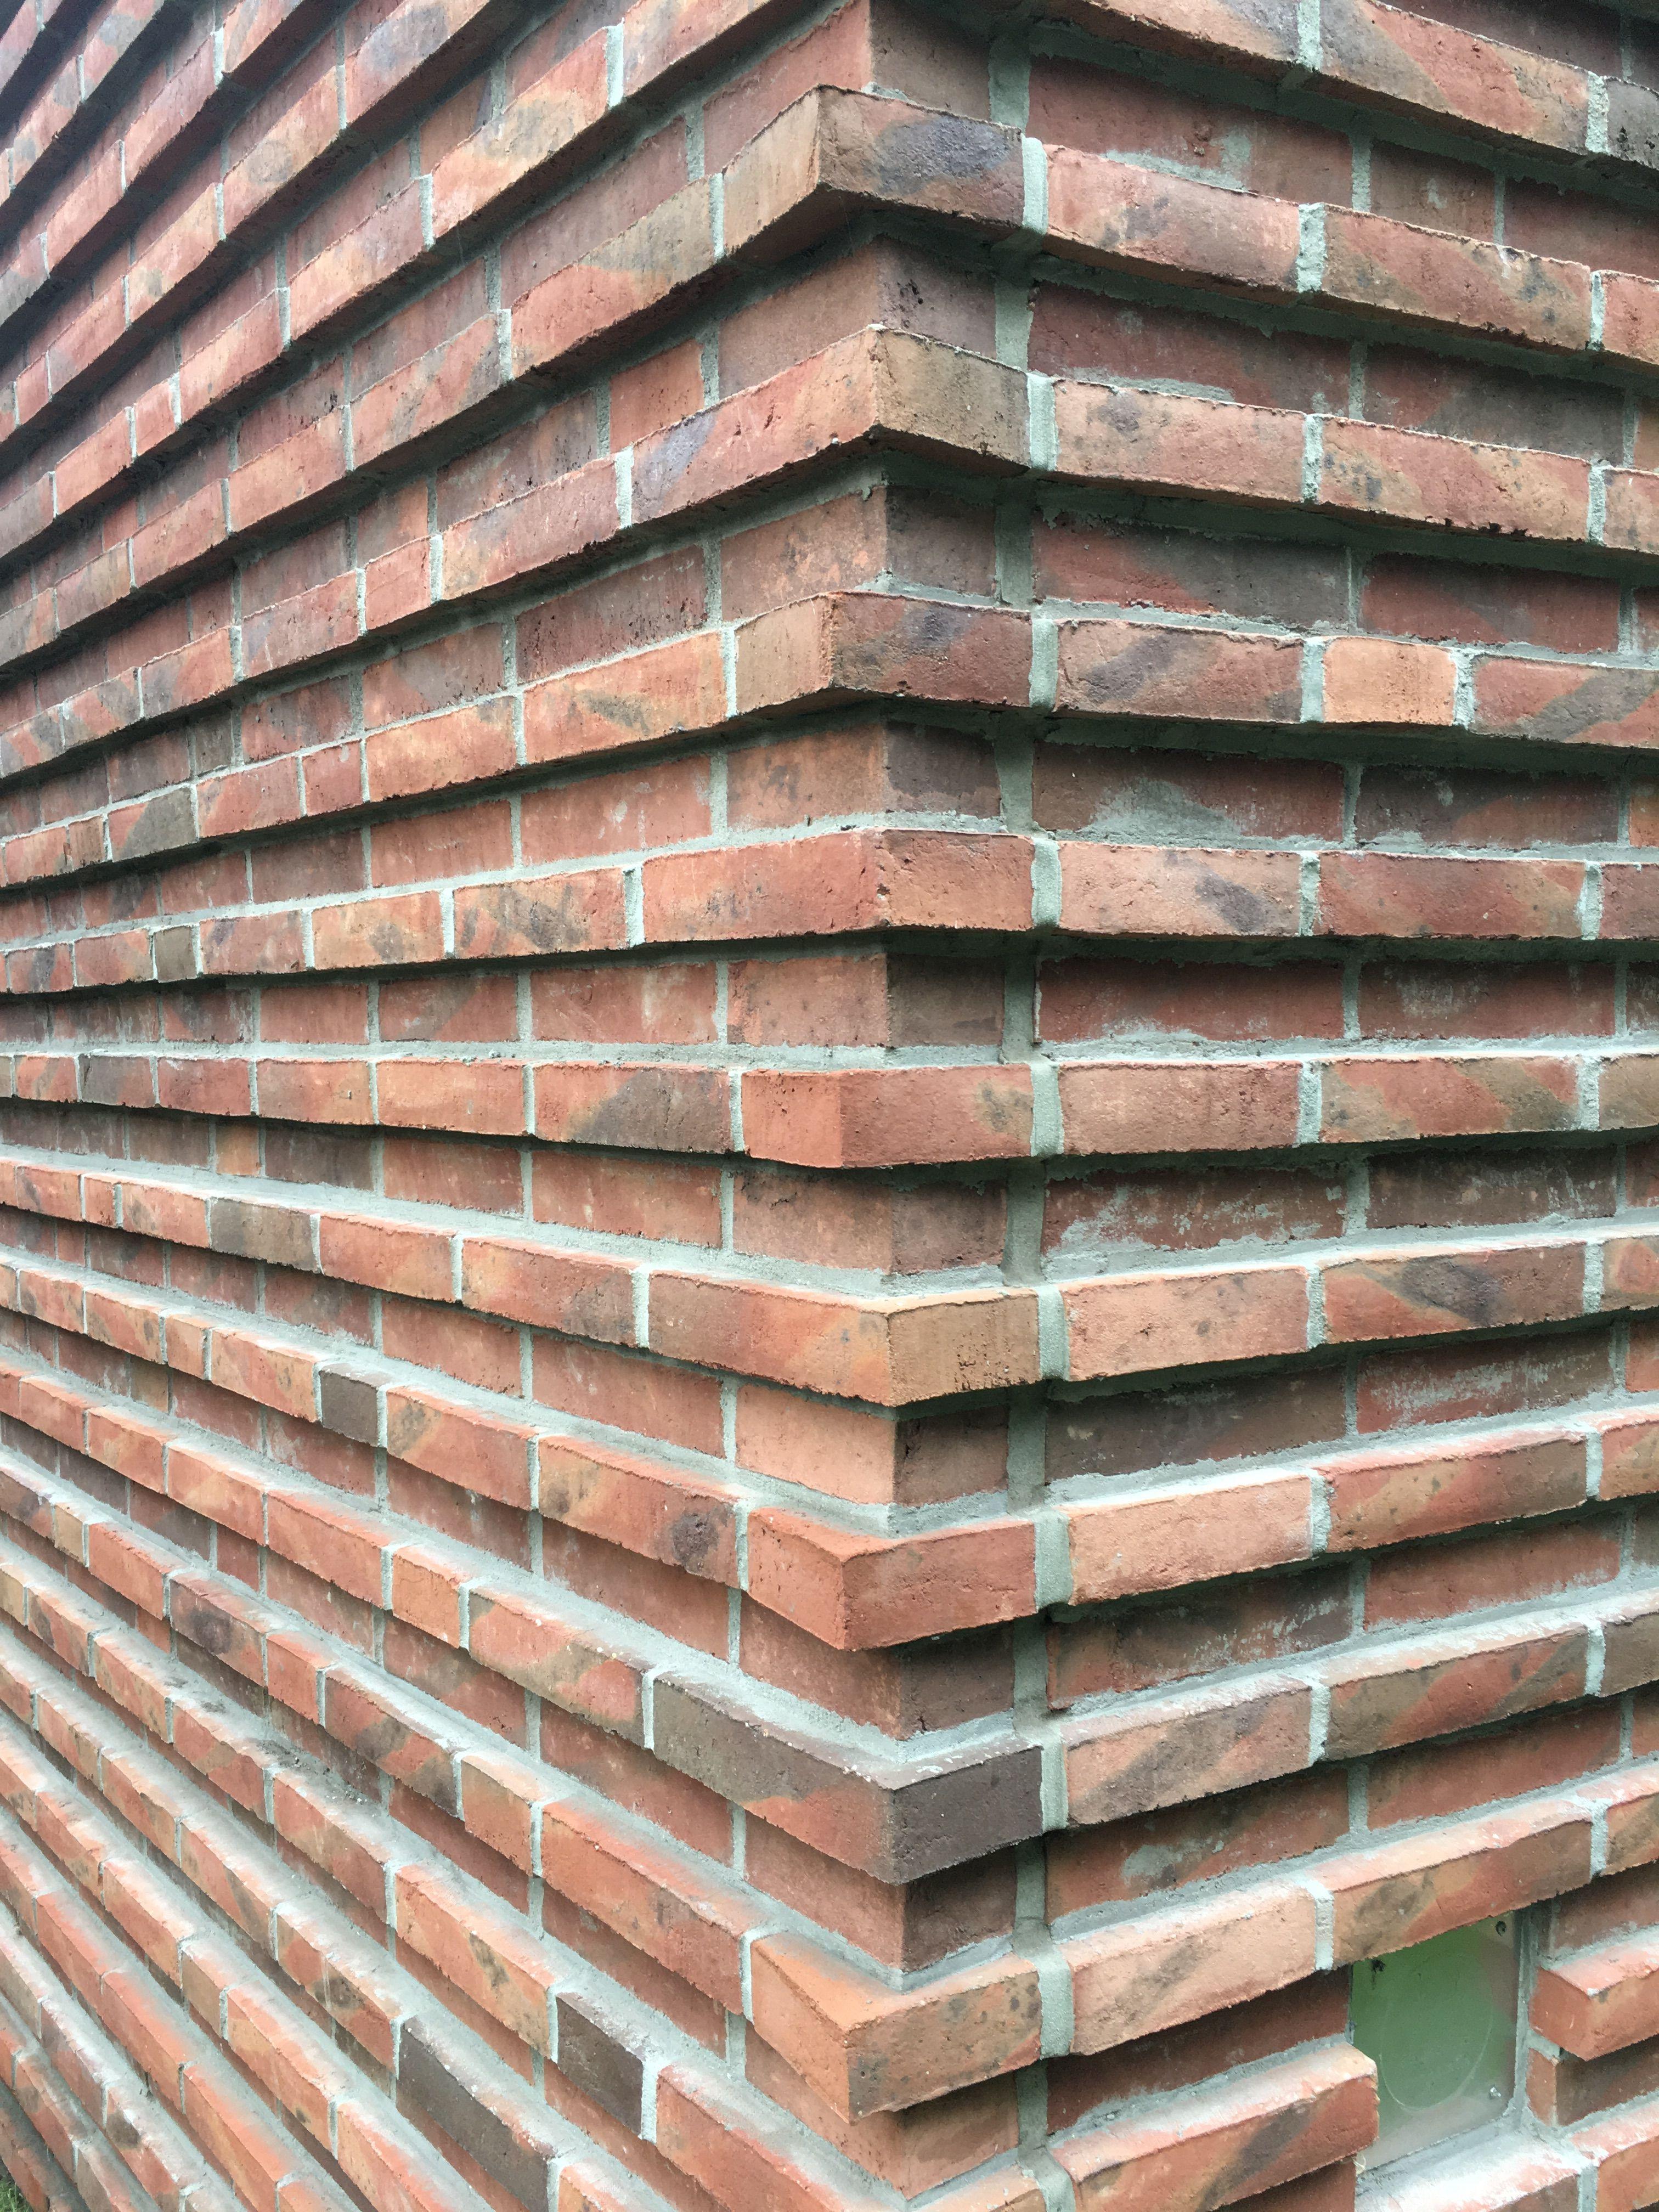 Pin von marco auf muros, pisos de ladrillo Mauerwerk, Backstein und Ziegel ~ 18031254_Backstein Mauerwerk Brandschutz